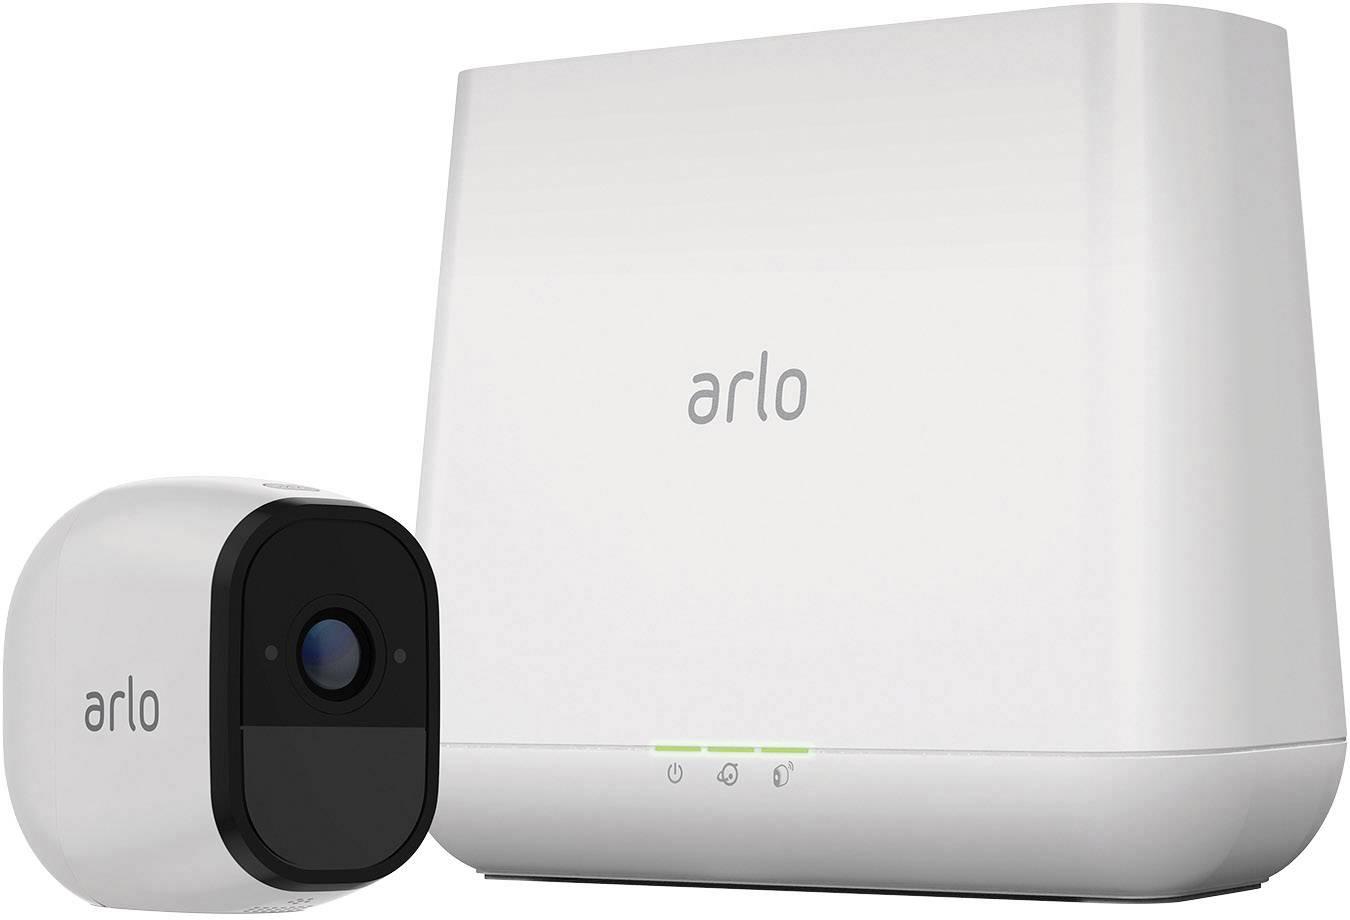 Sada bezpečnostní kamery ARLO Arlo Pro VMS4130-100EUS, 5kanálová, s 1 kamerou